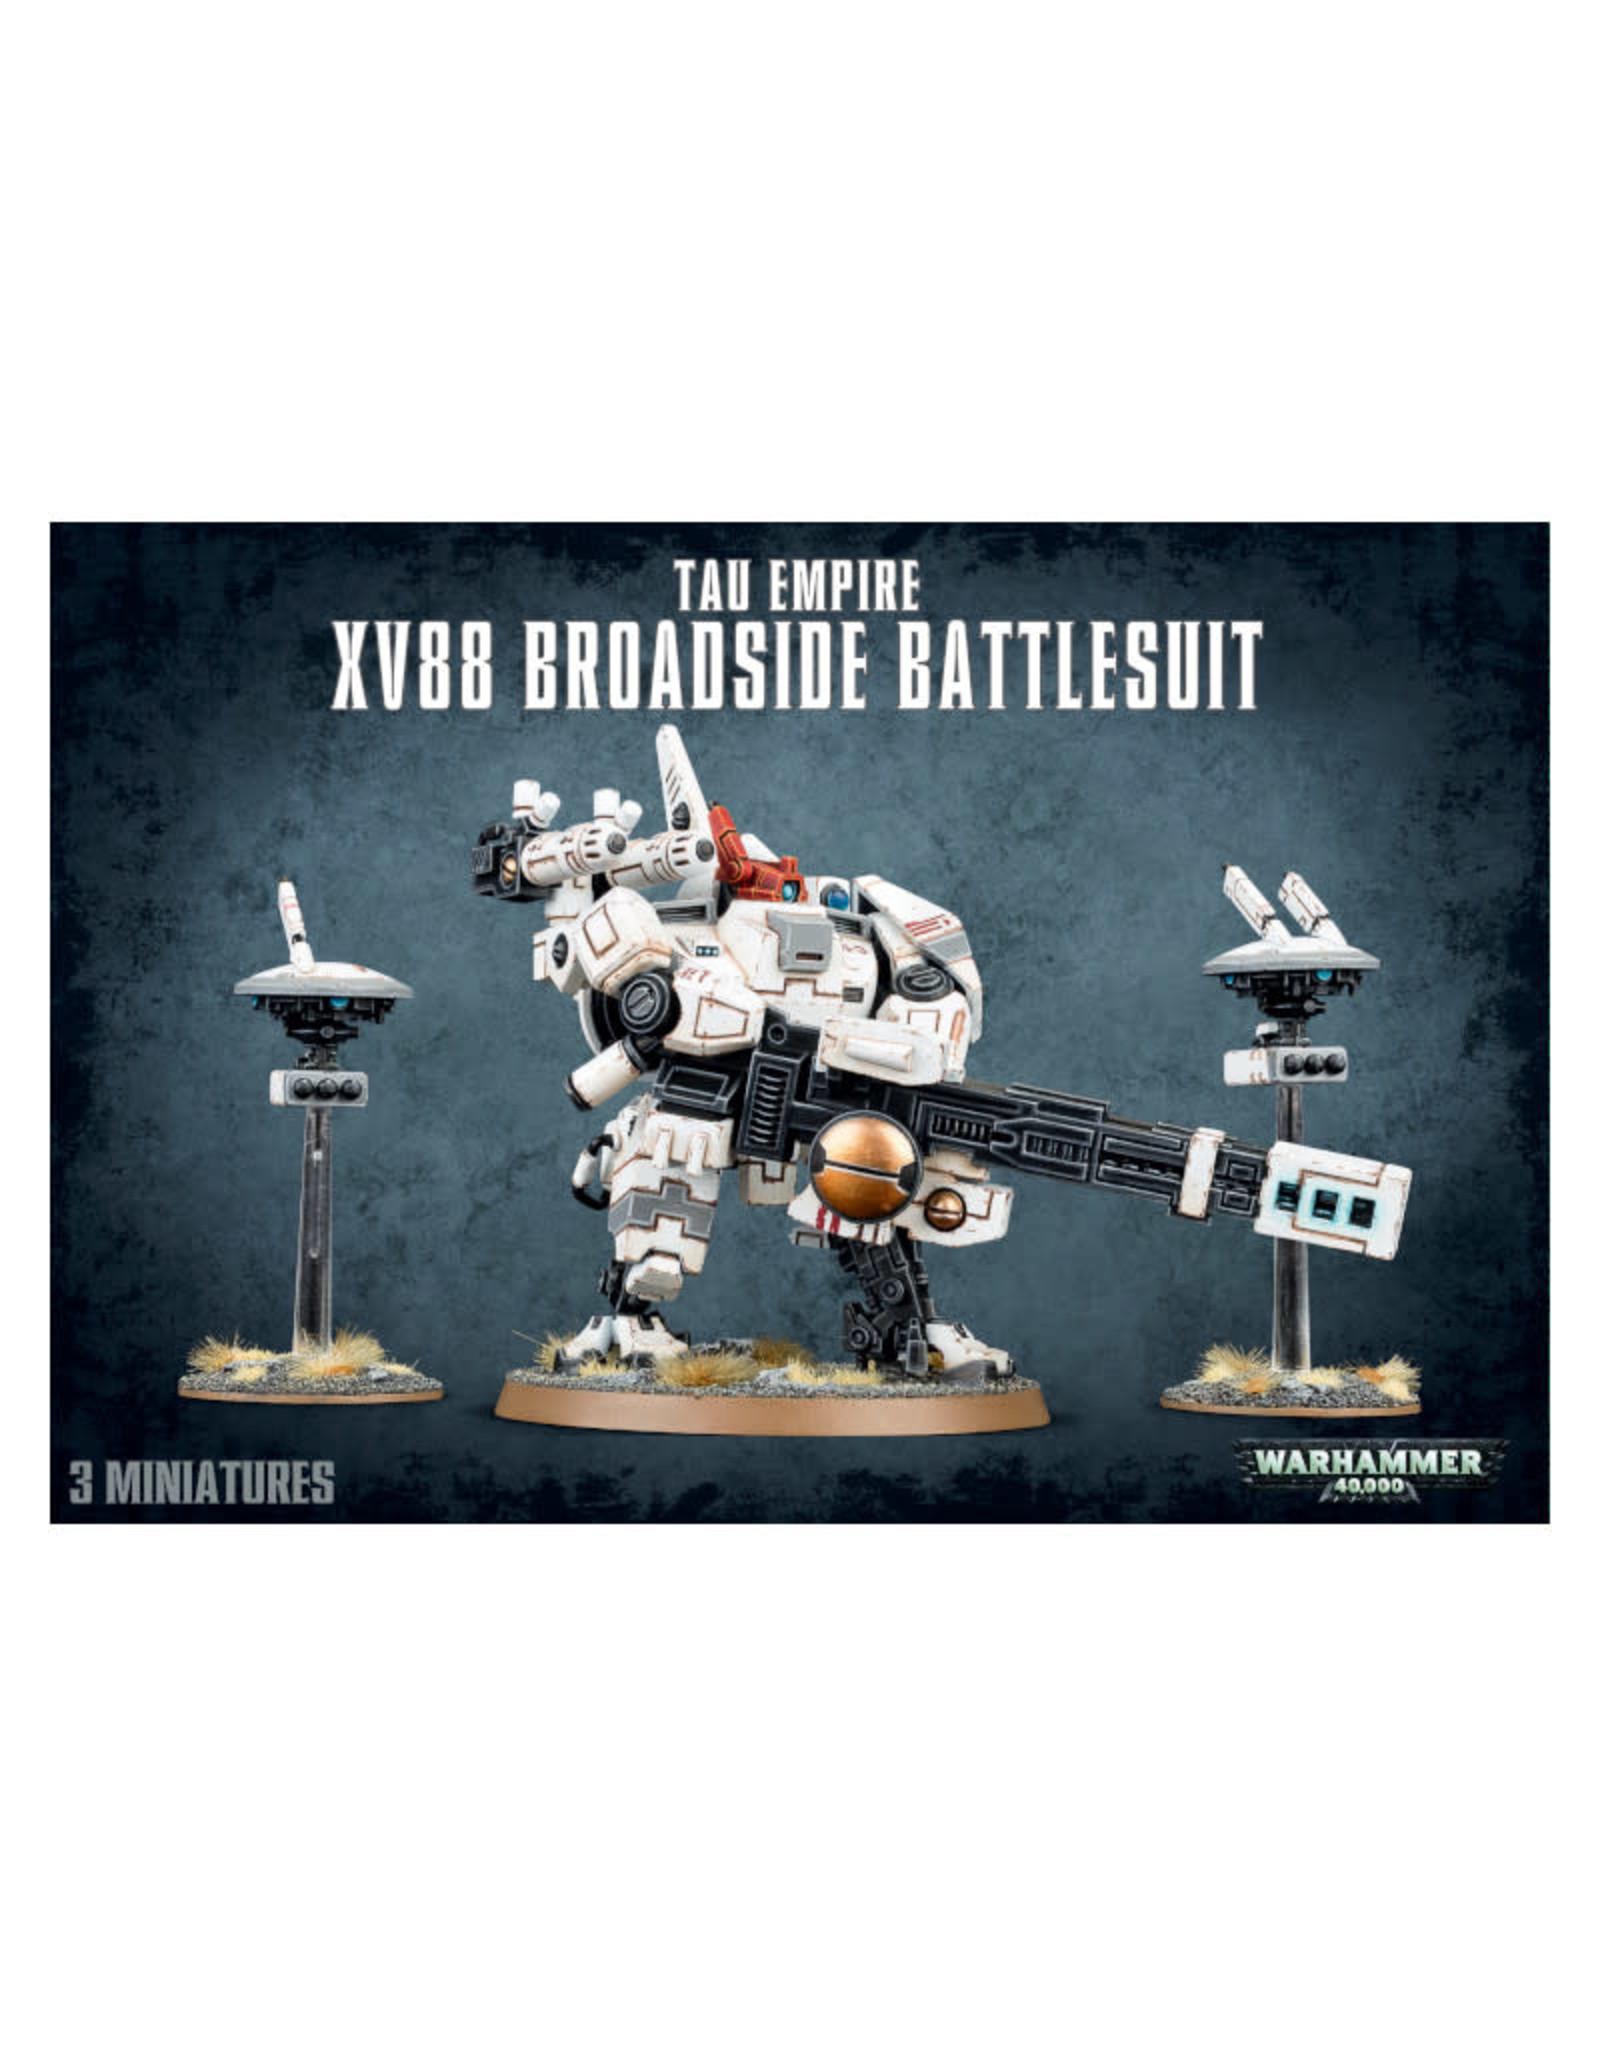 Games Workshop Warhammer 40K Tau Empire XV88 Broadside Battlesuit